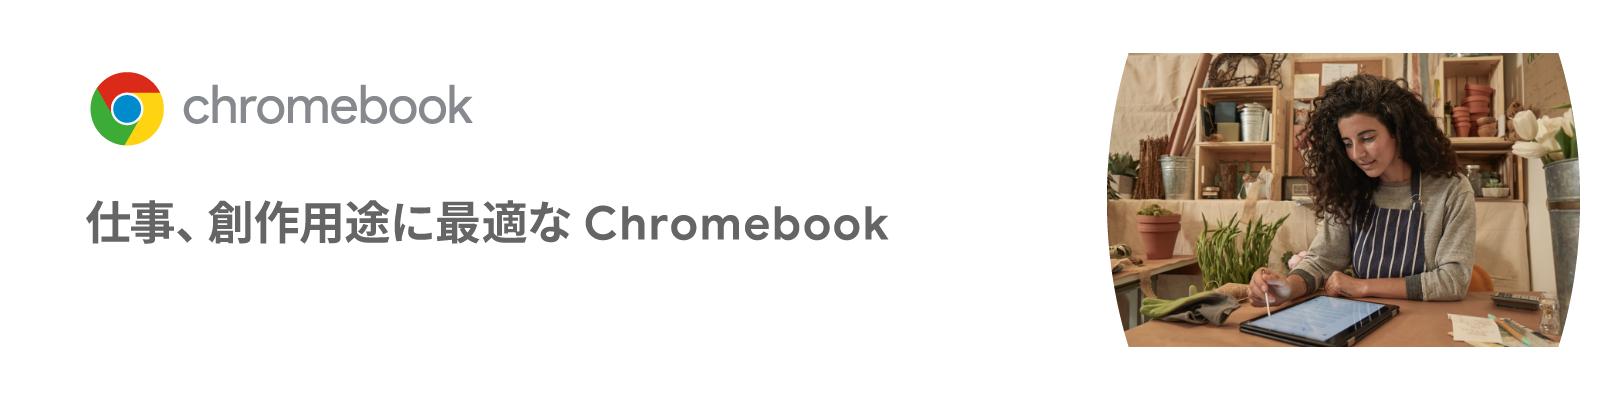 """"""" どこにいても作業が可能  Chromebook (クロームブック) は、会社や家など、 どのような環境で作業する場合も 柔軟に使うことができます。 """""""